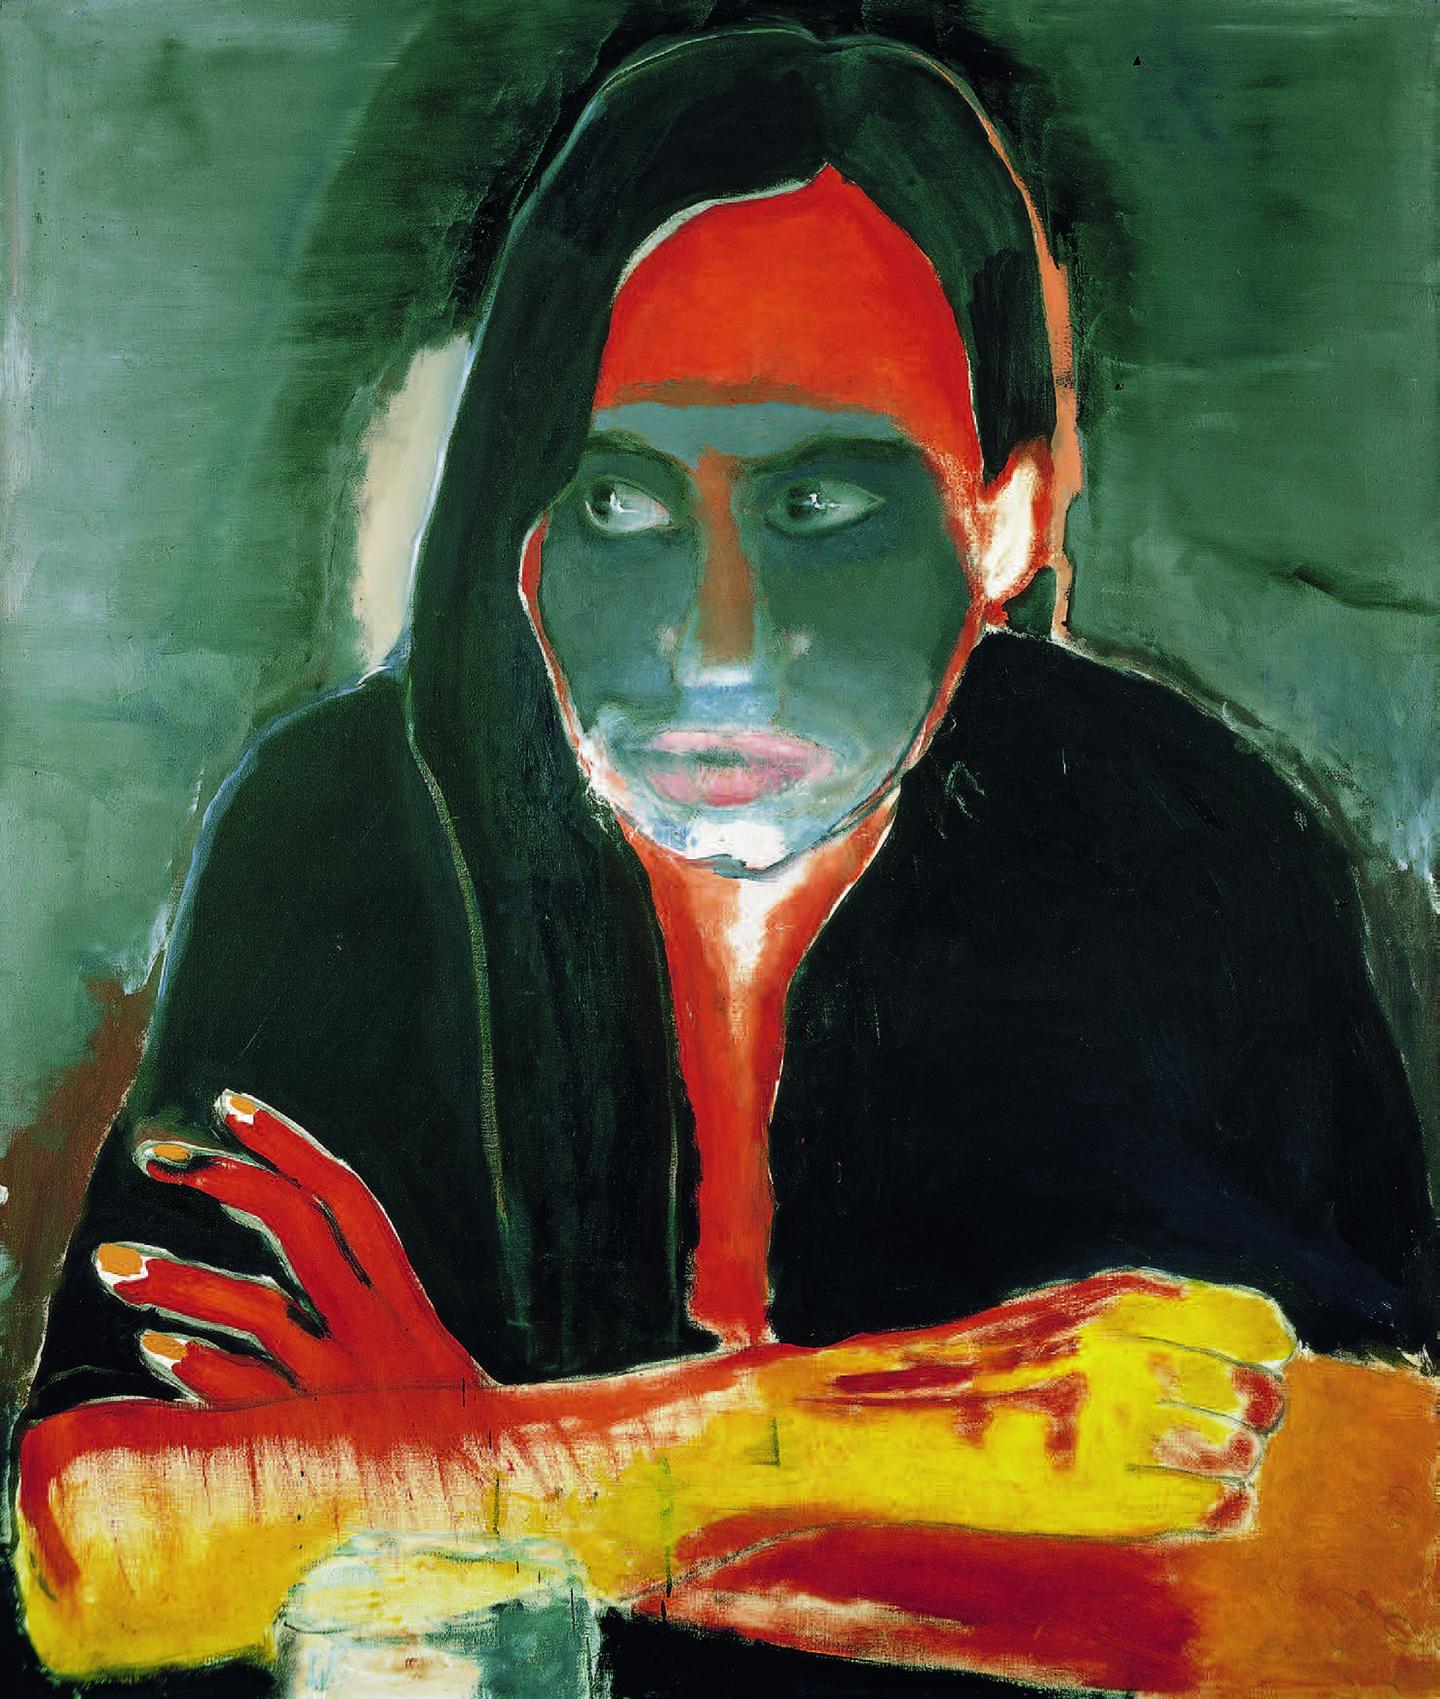 Marlene Dumas, Genetiese Heimwee, 1984. Courtesy: Galerie Paul Andriesse, Amsterdam